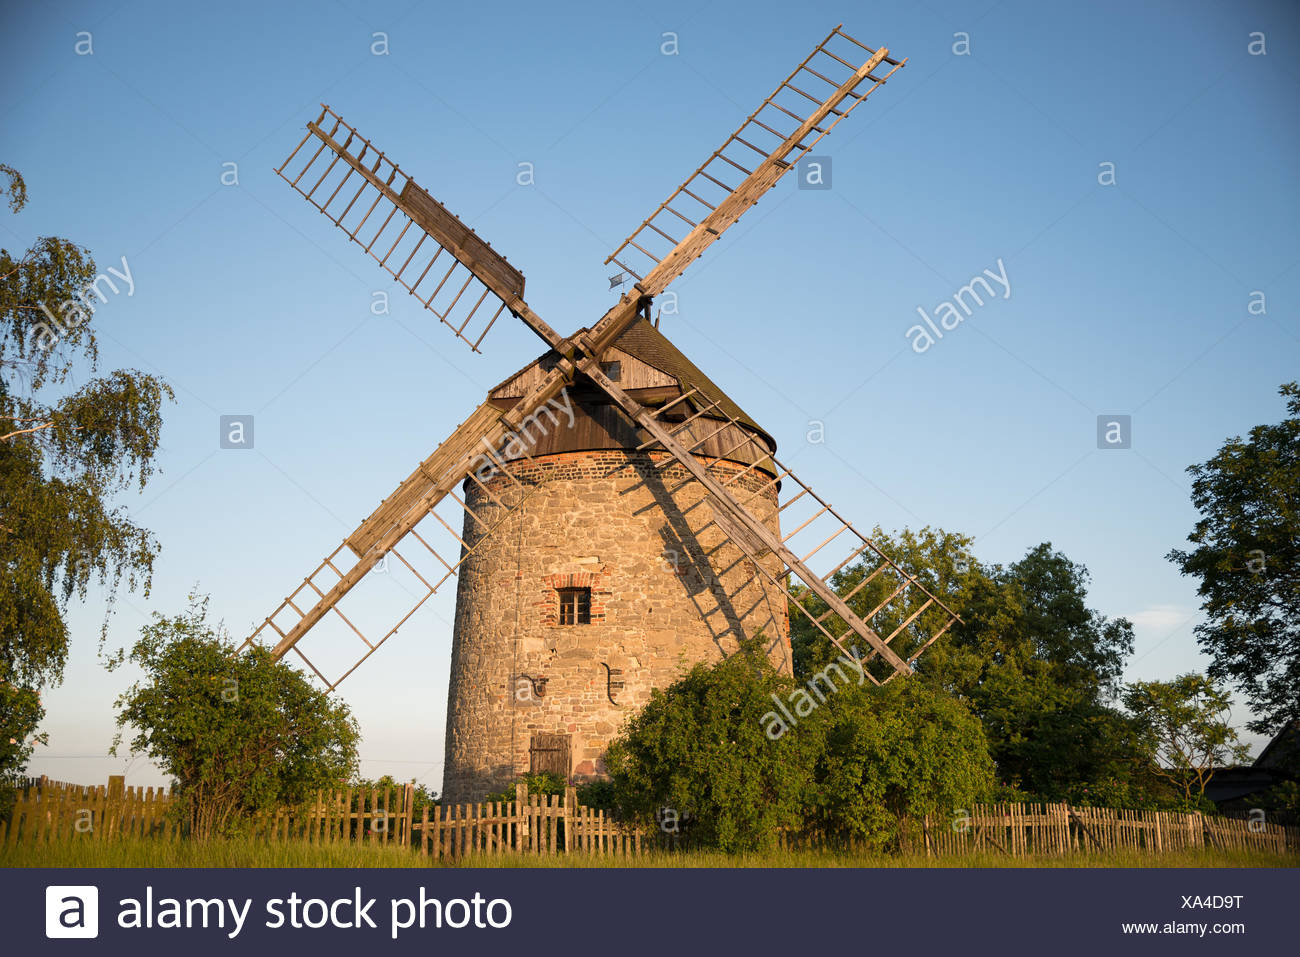 Age Grain Mill - Stock Image